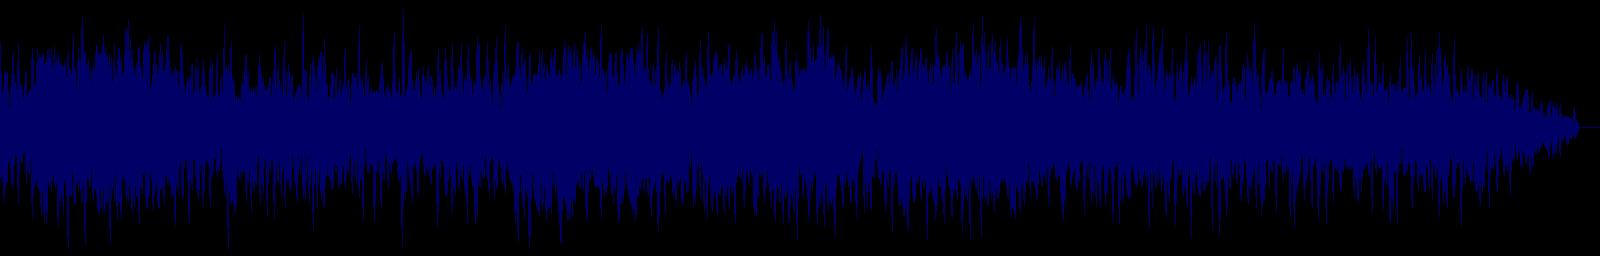 waveform of track #135965